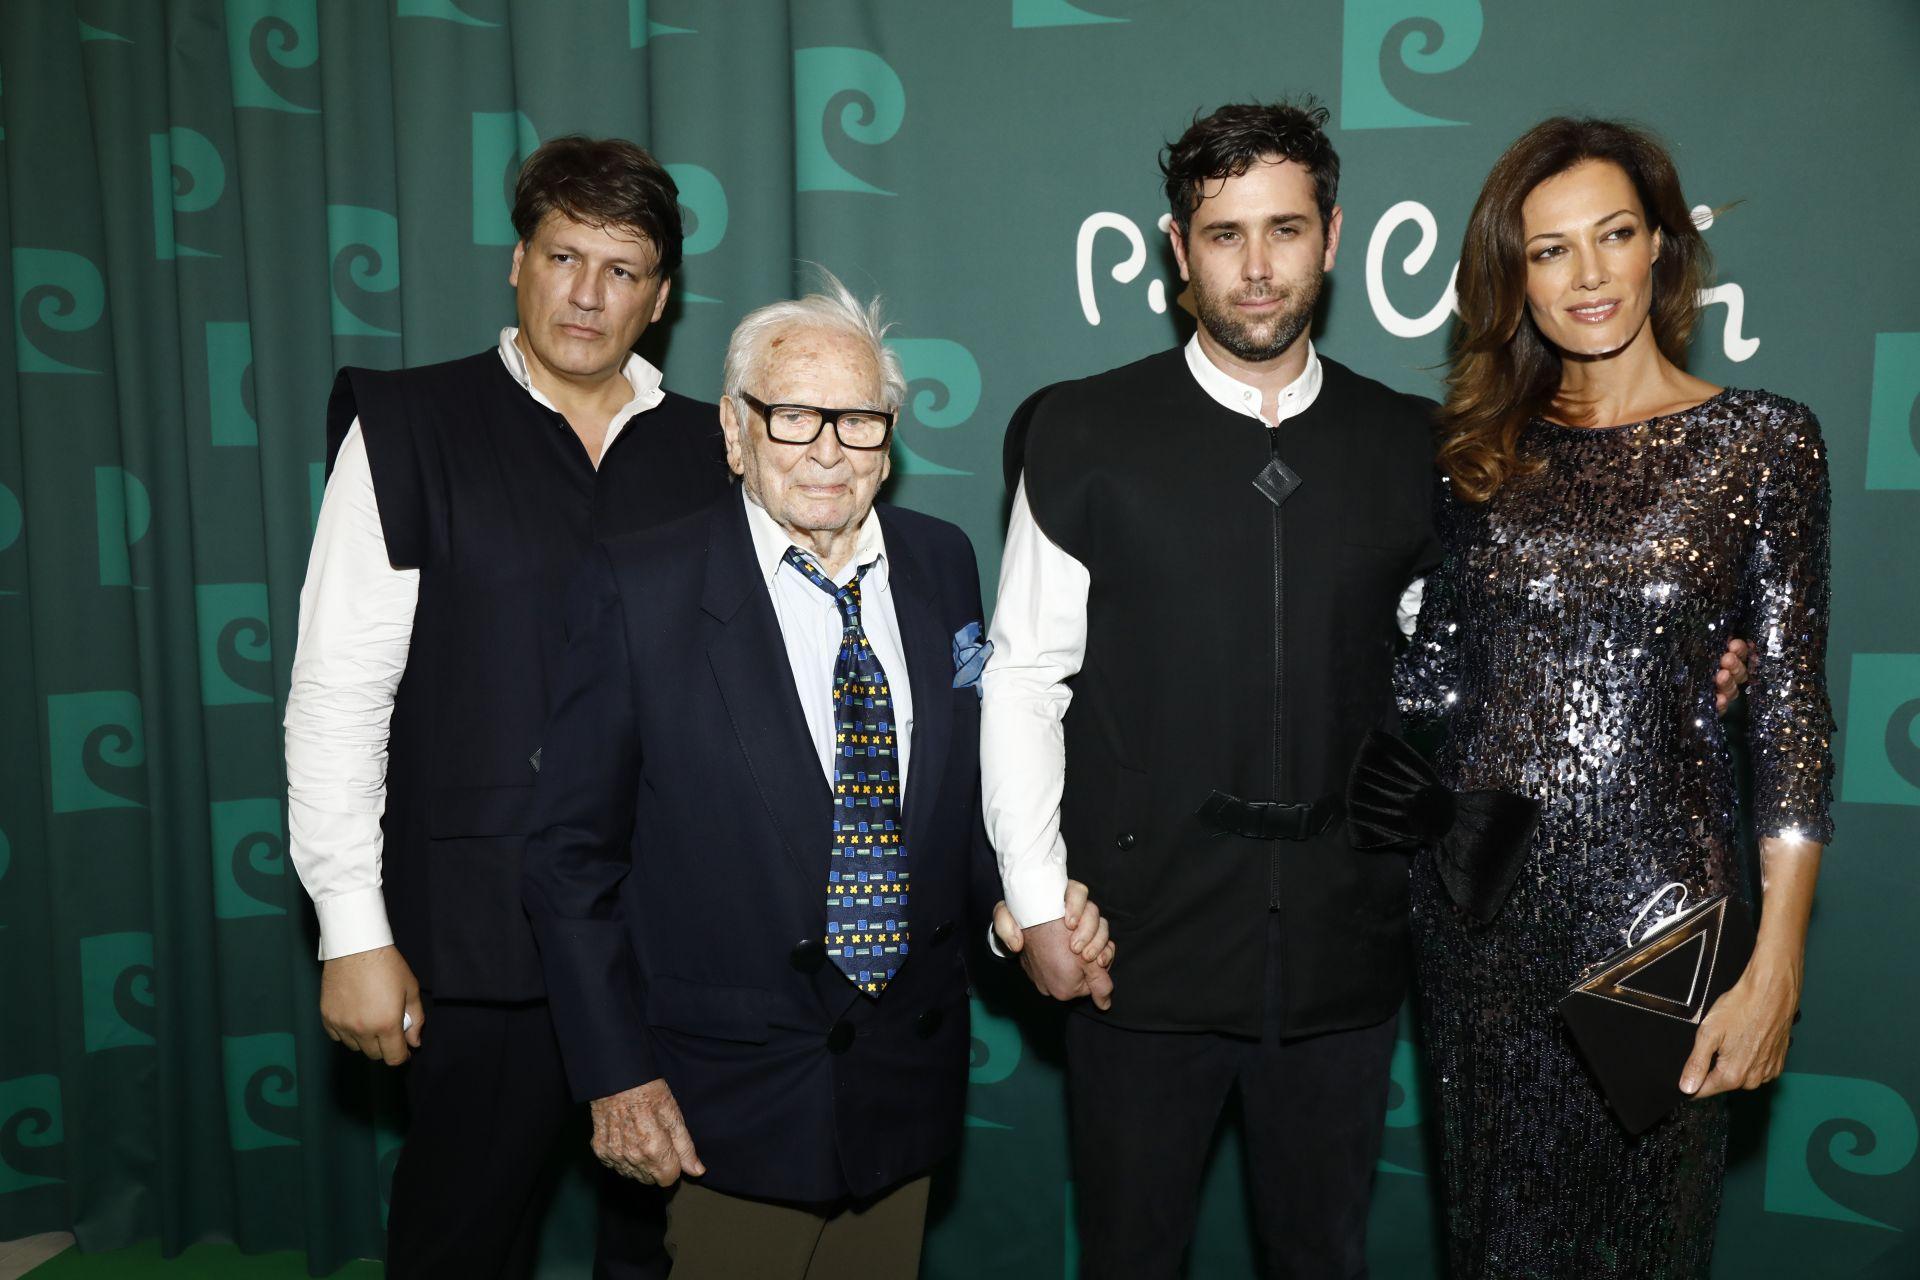 """Племенникът на Пиер Карден - Родриго Базиликати- Карден придружава чичо си на премиерата на филма """"Къщата на Карден"""" на 21 септември 2020"""